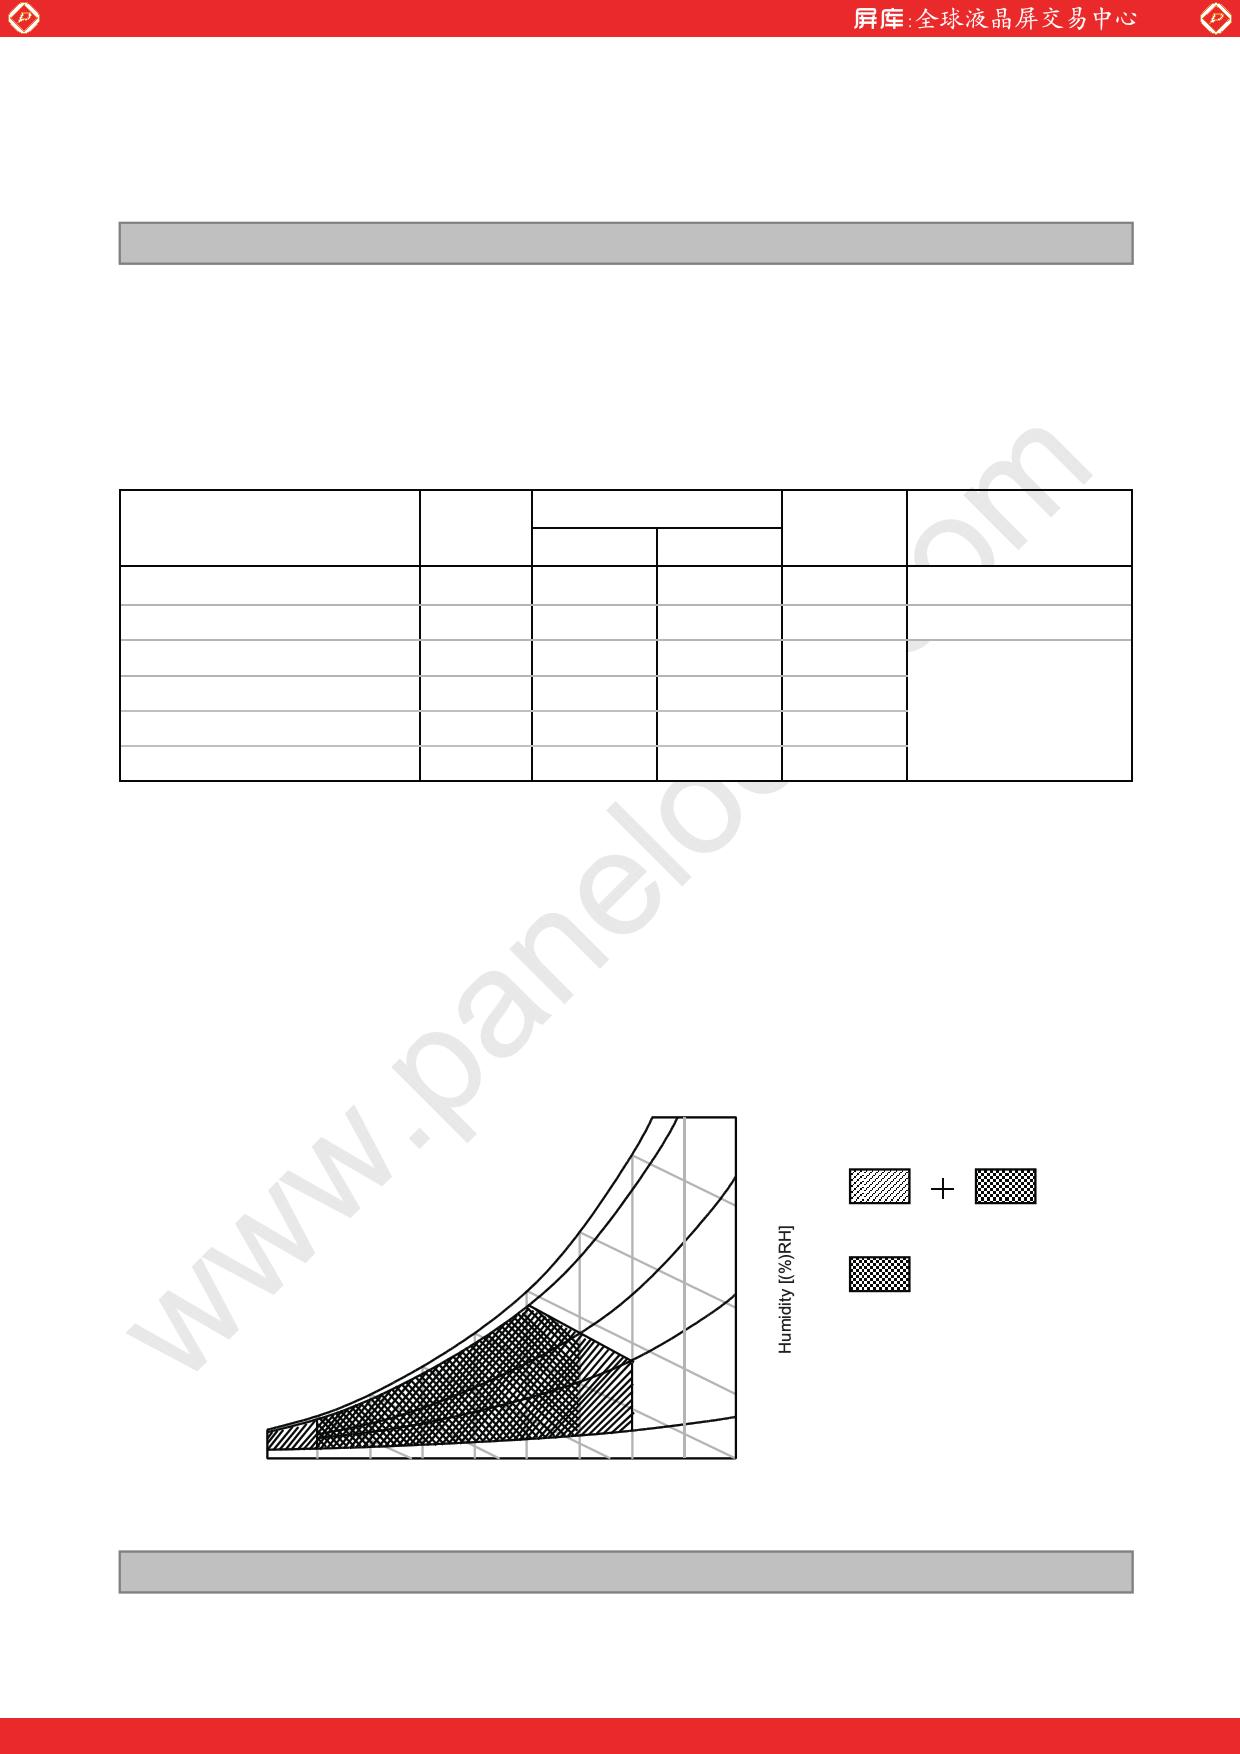 LC320EXJ-SEE1 pdf